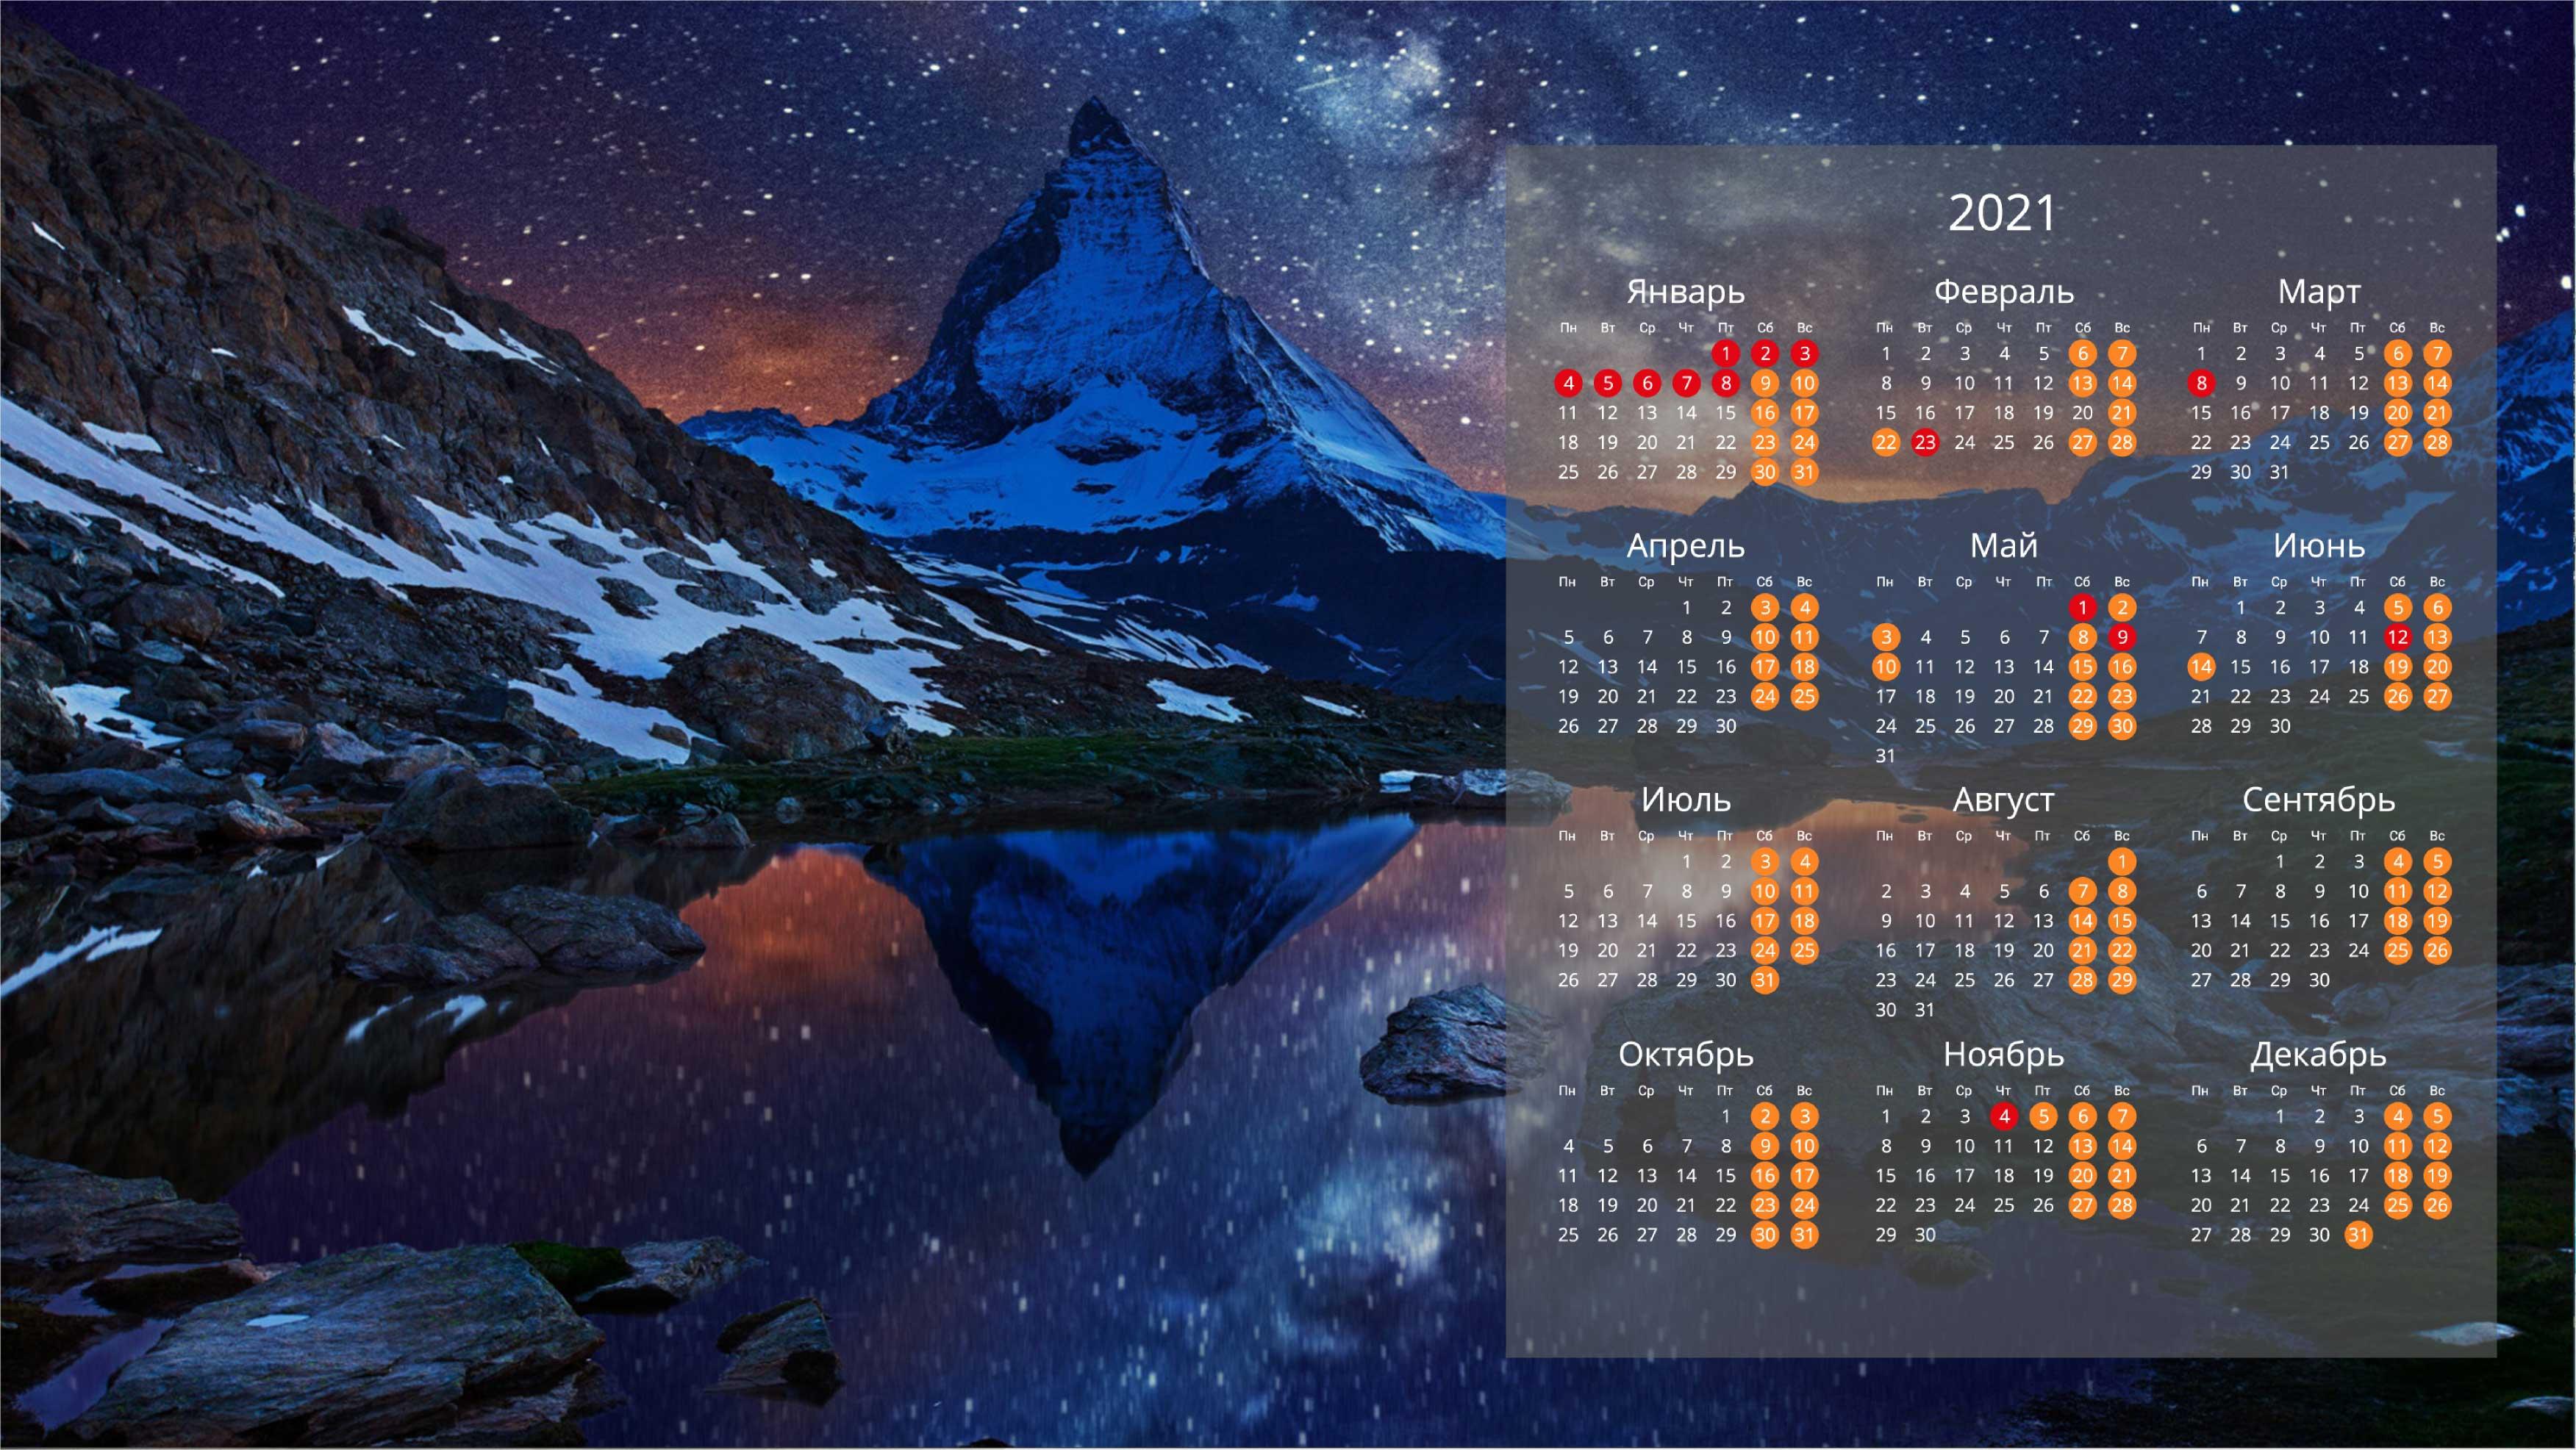 Обои на рабочий стол с календарем 2021 года (1)